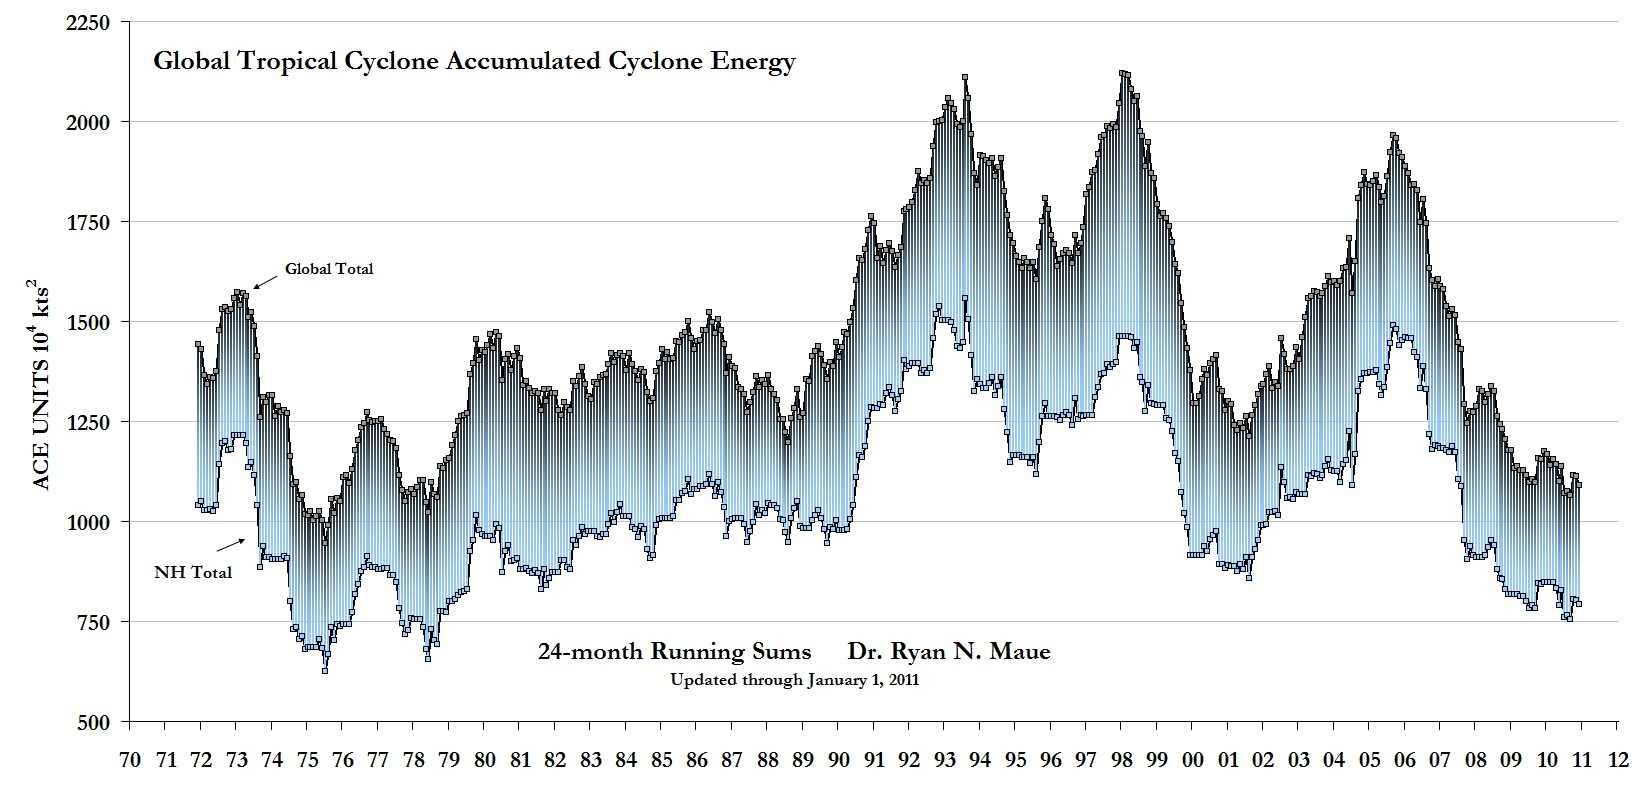 Globale Akkumlierte Zyklonen-Energie, Stand 01.01.2011